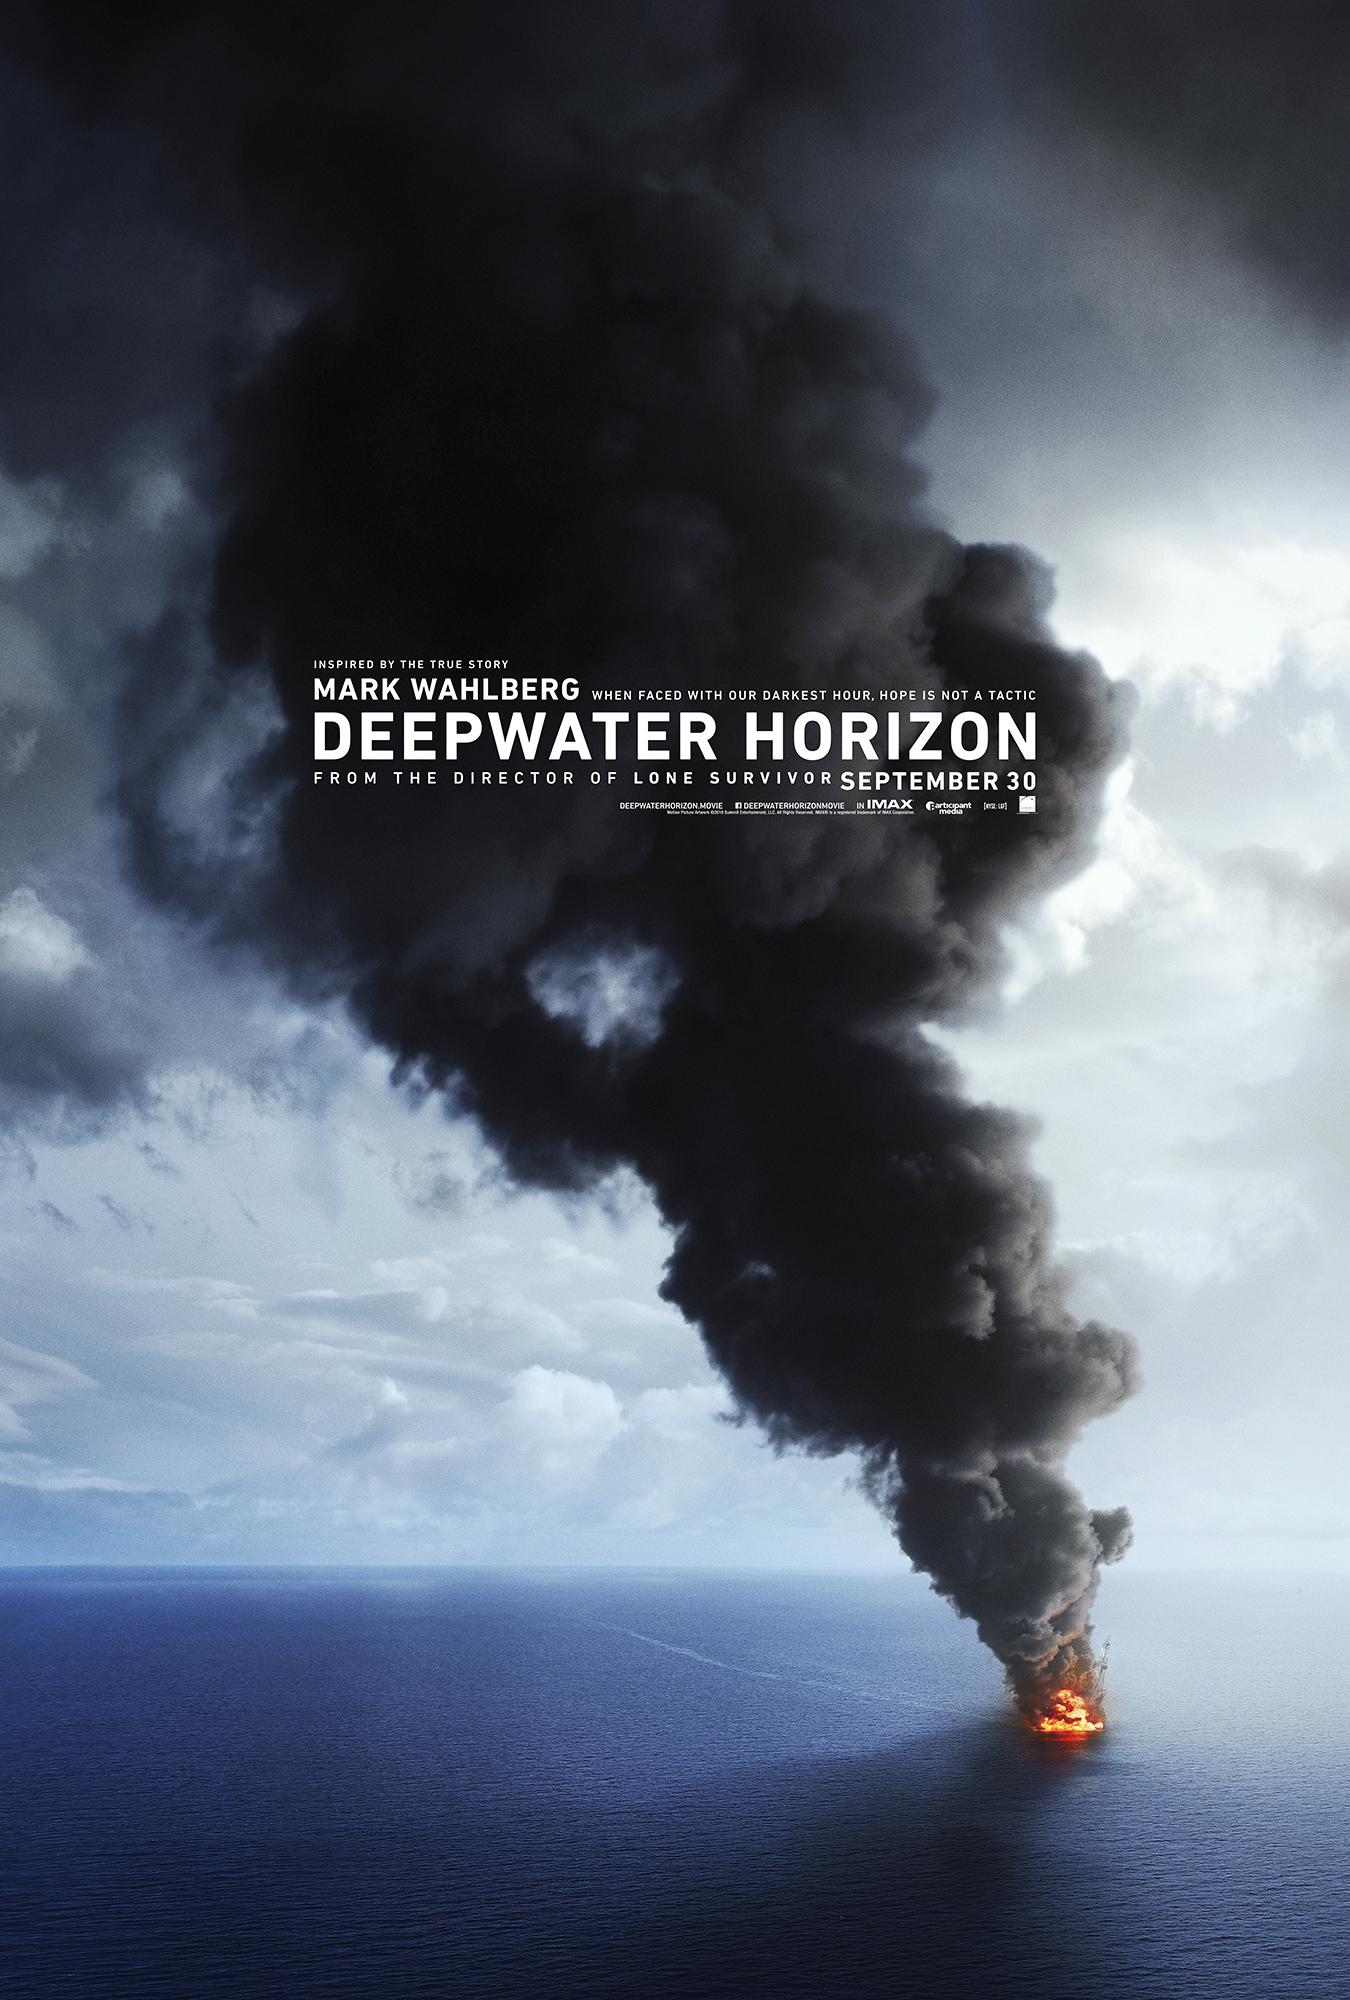 DeepwaterHorizon_Teaser_Trim_100dpi.jpg